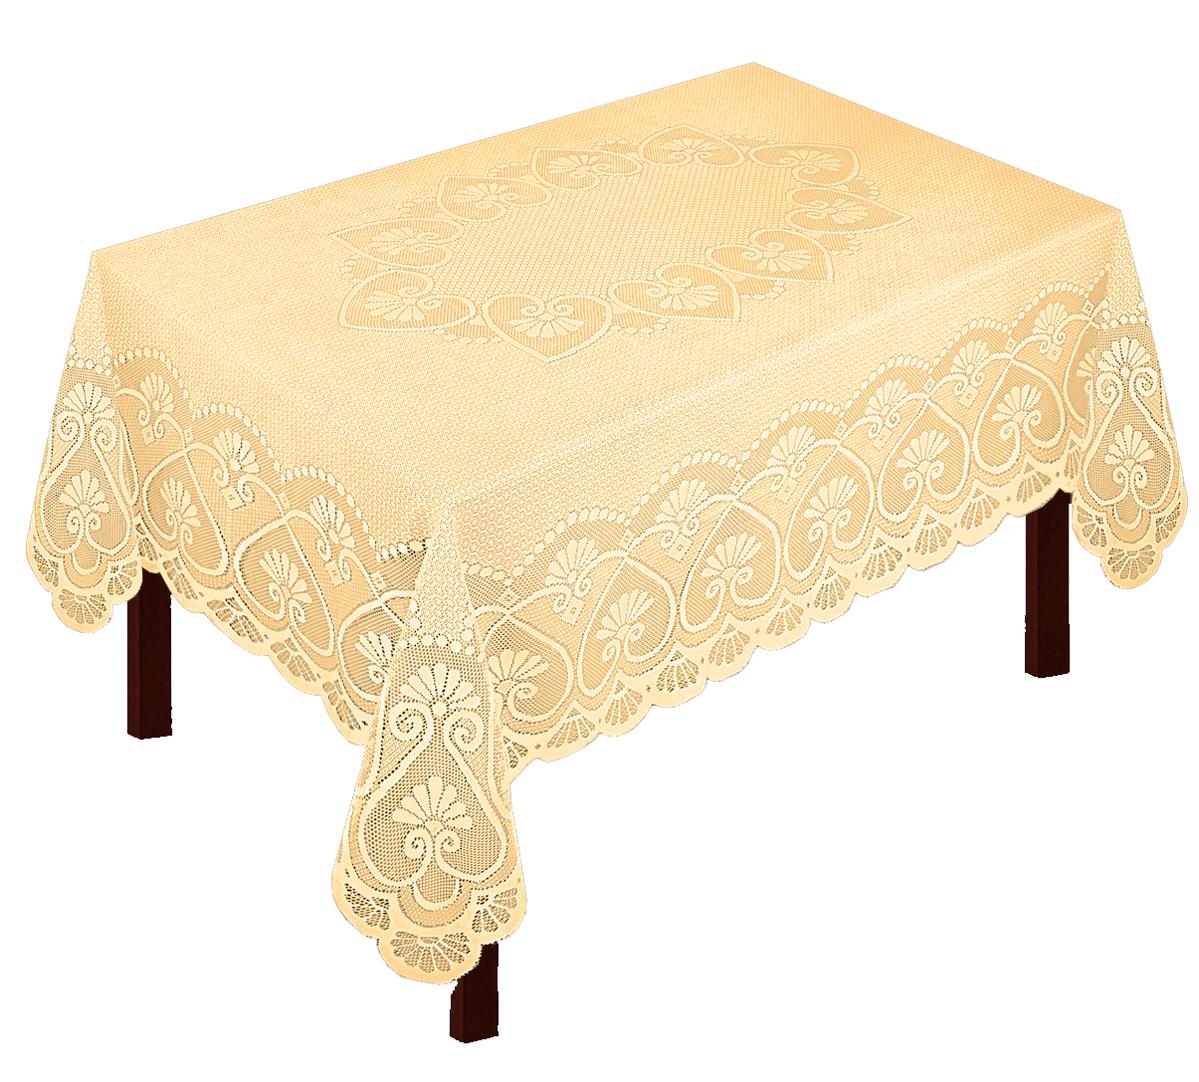 Скатерть Zlata Korunka, прямоугольная, цвет: золотистый, 205 х 165 см. 80029AMC-00070Великолепная скатерть Zlata Korunka, выполненная из полиэстера жаккардового переплетения, органично впишется в интерьер любого помещения, а оригинальный дизайн удовлетворит даже самый изысканный вкус. Изделие не скользит со стола, легко стирается и прослужит вам долгое время. Скатерть создаст праздничное настроение и станет прекрасным дополнением интерьера гостиной, кухни или столовой.